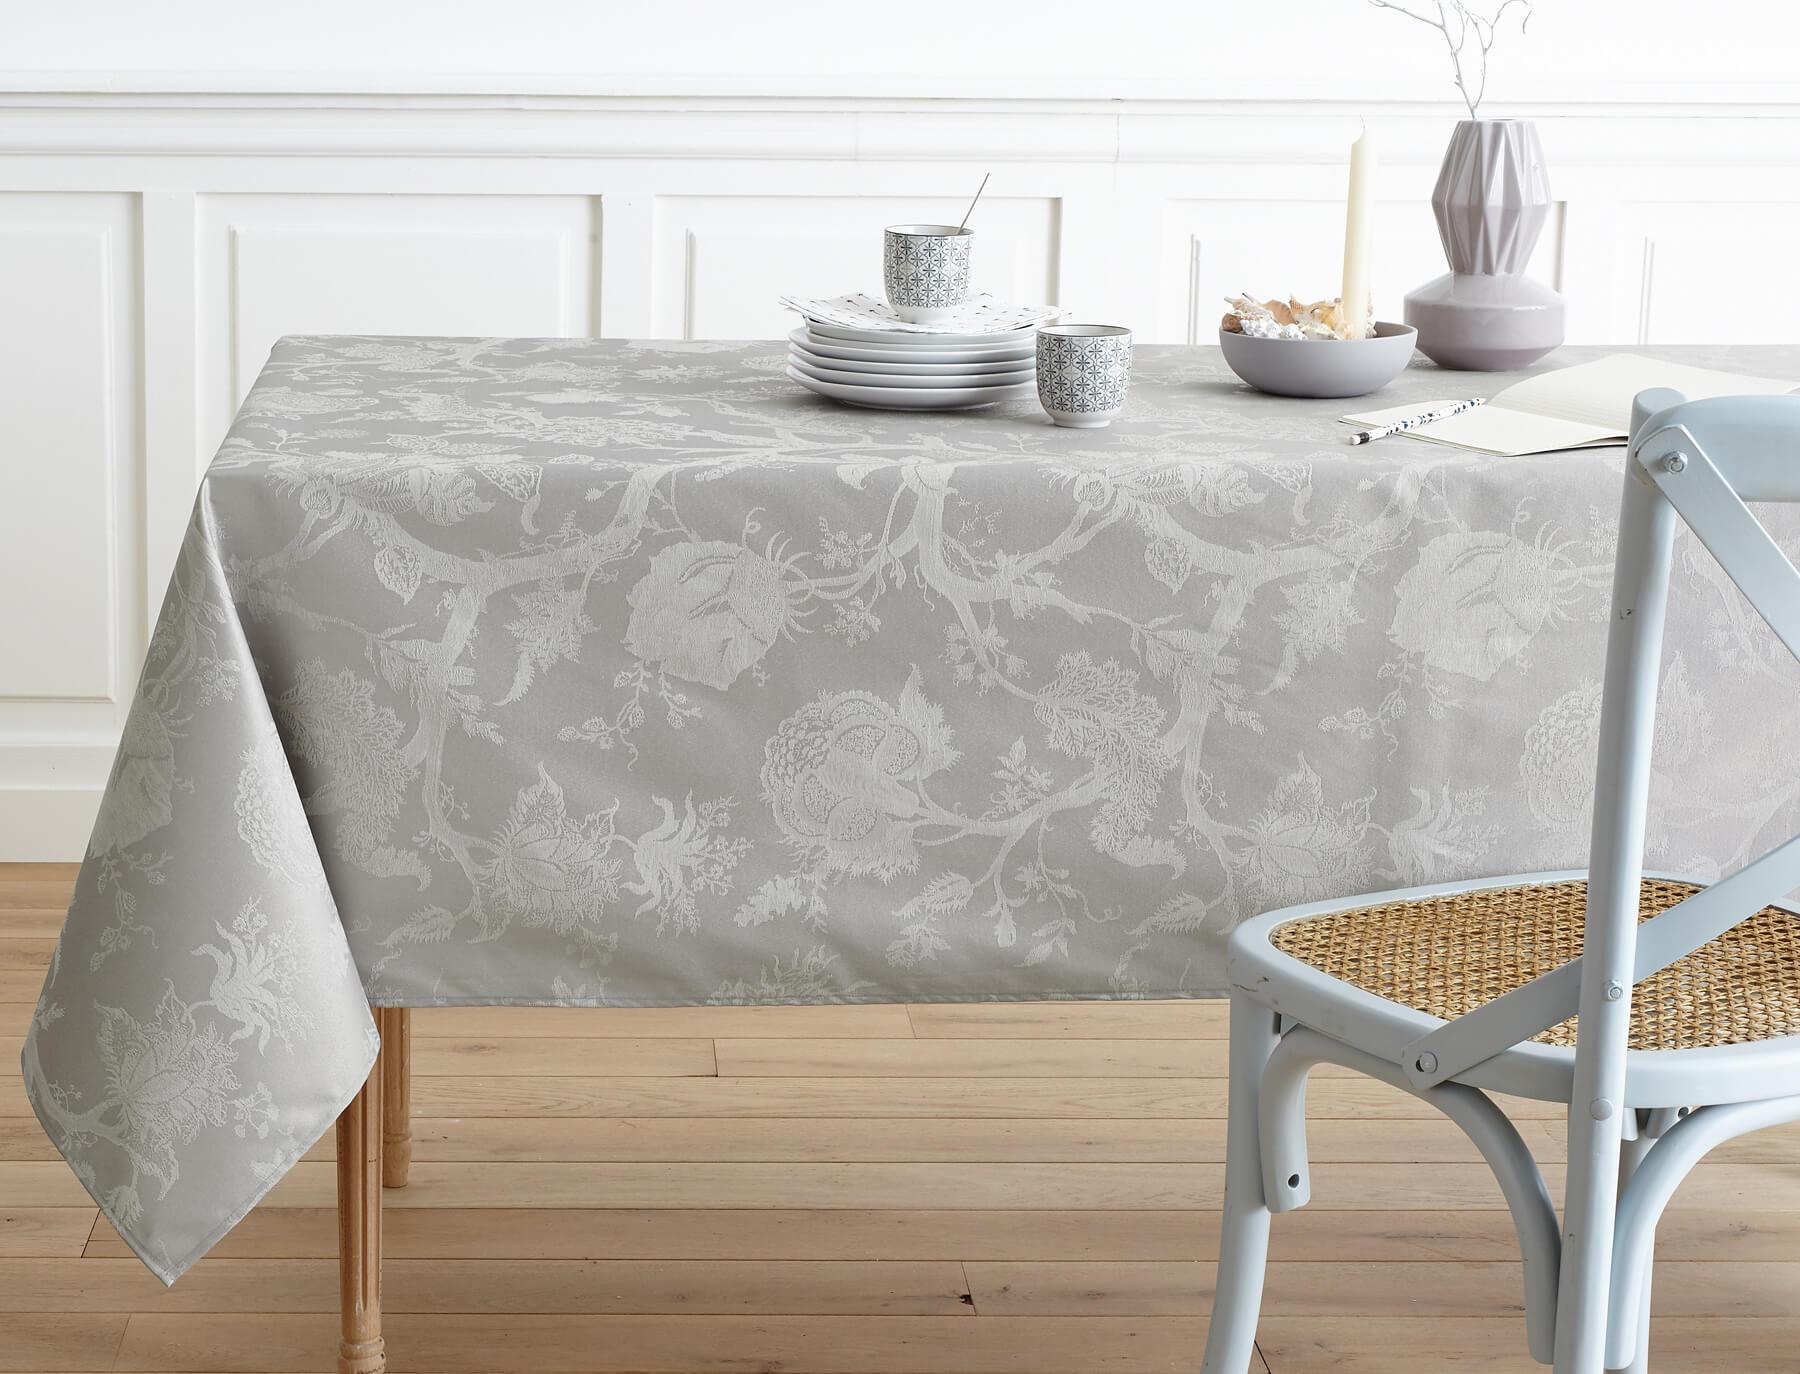 nappe enduite le clos luc rubis blanc et gris linvosges. Black Bedroom Furniture Sets. Home Design Ideas